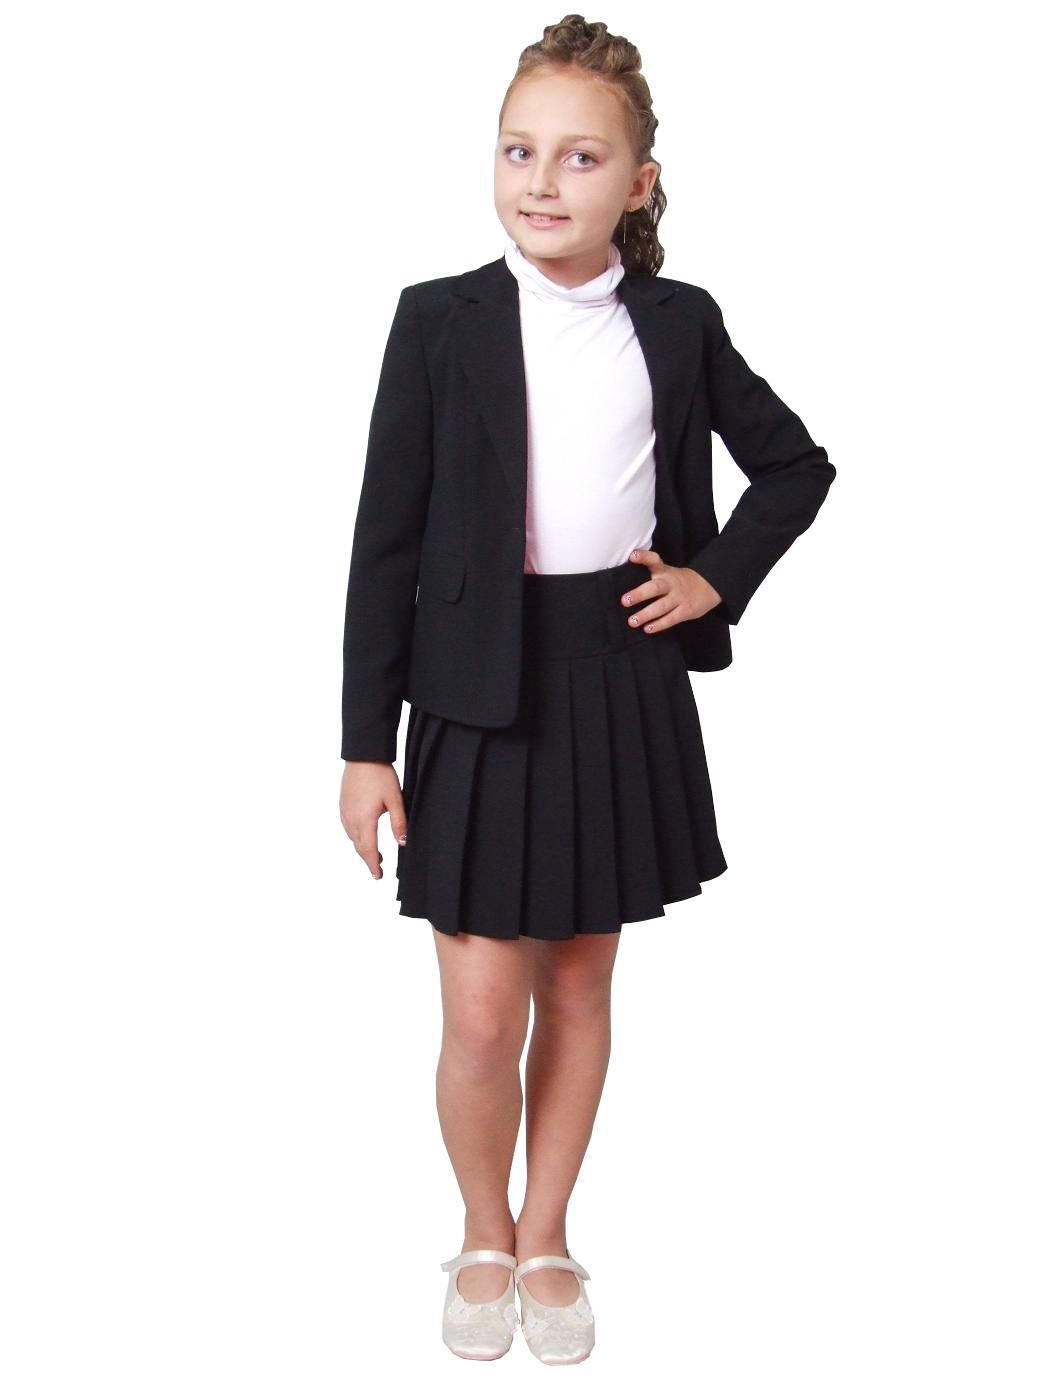 Школьная юбка в складку своими руками фото 308